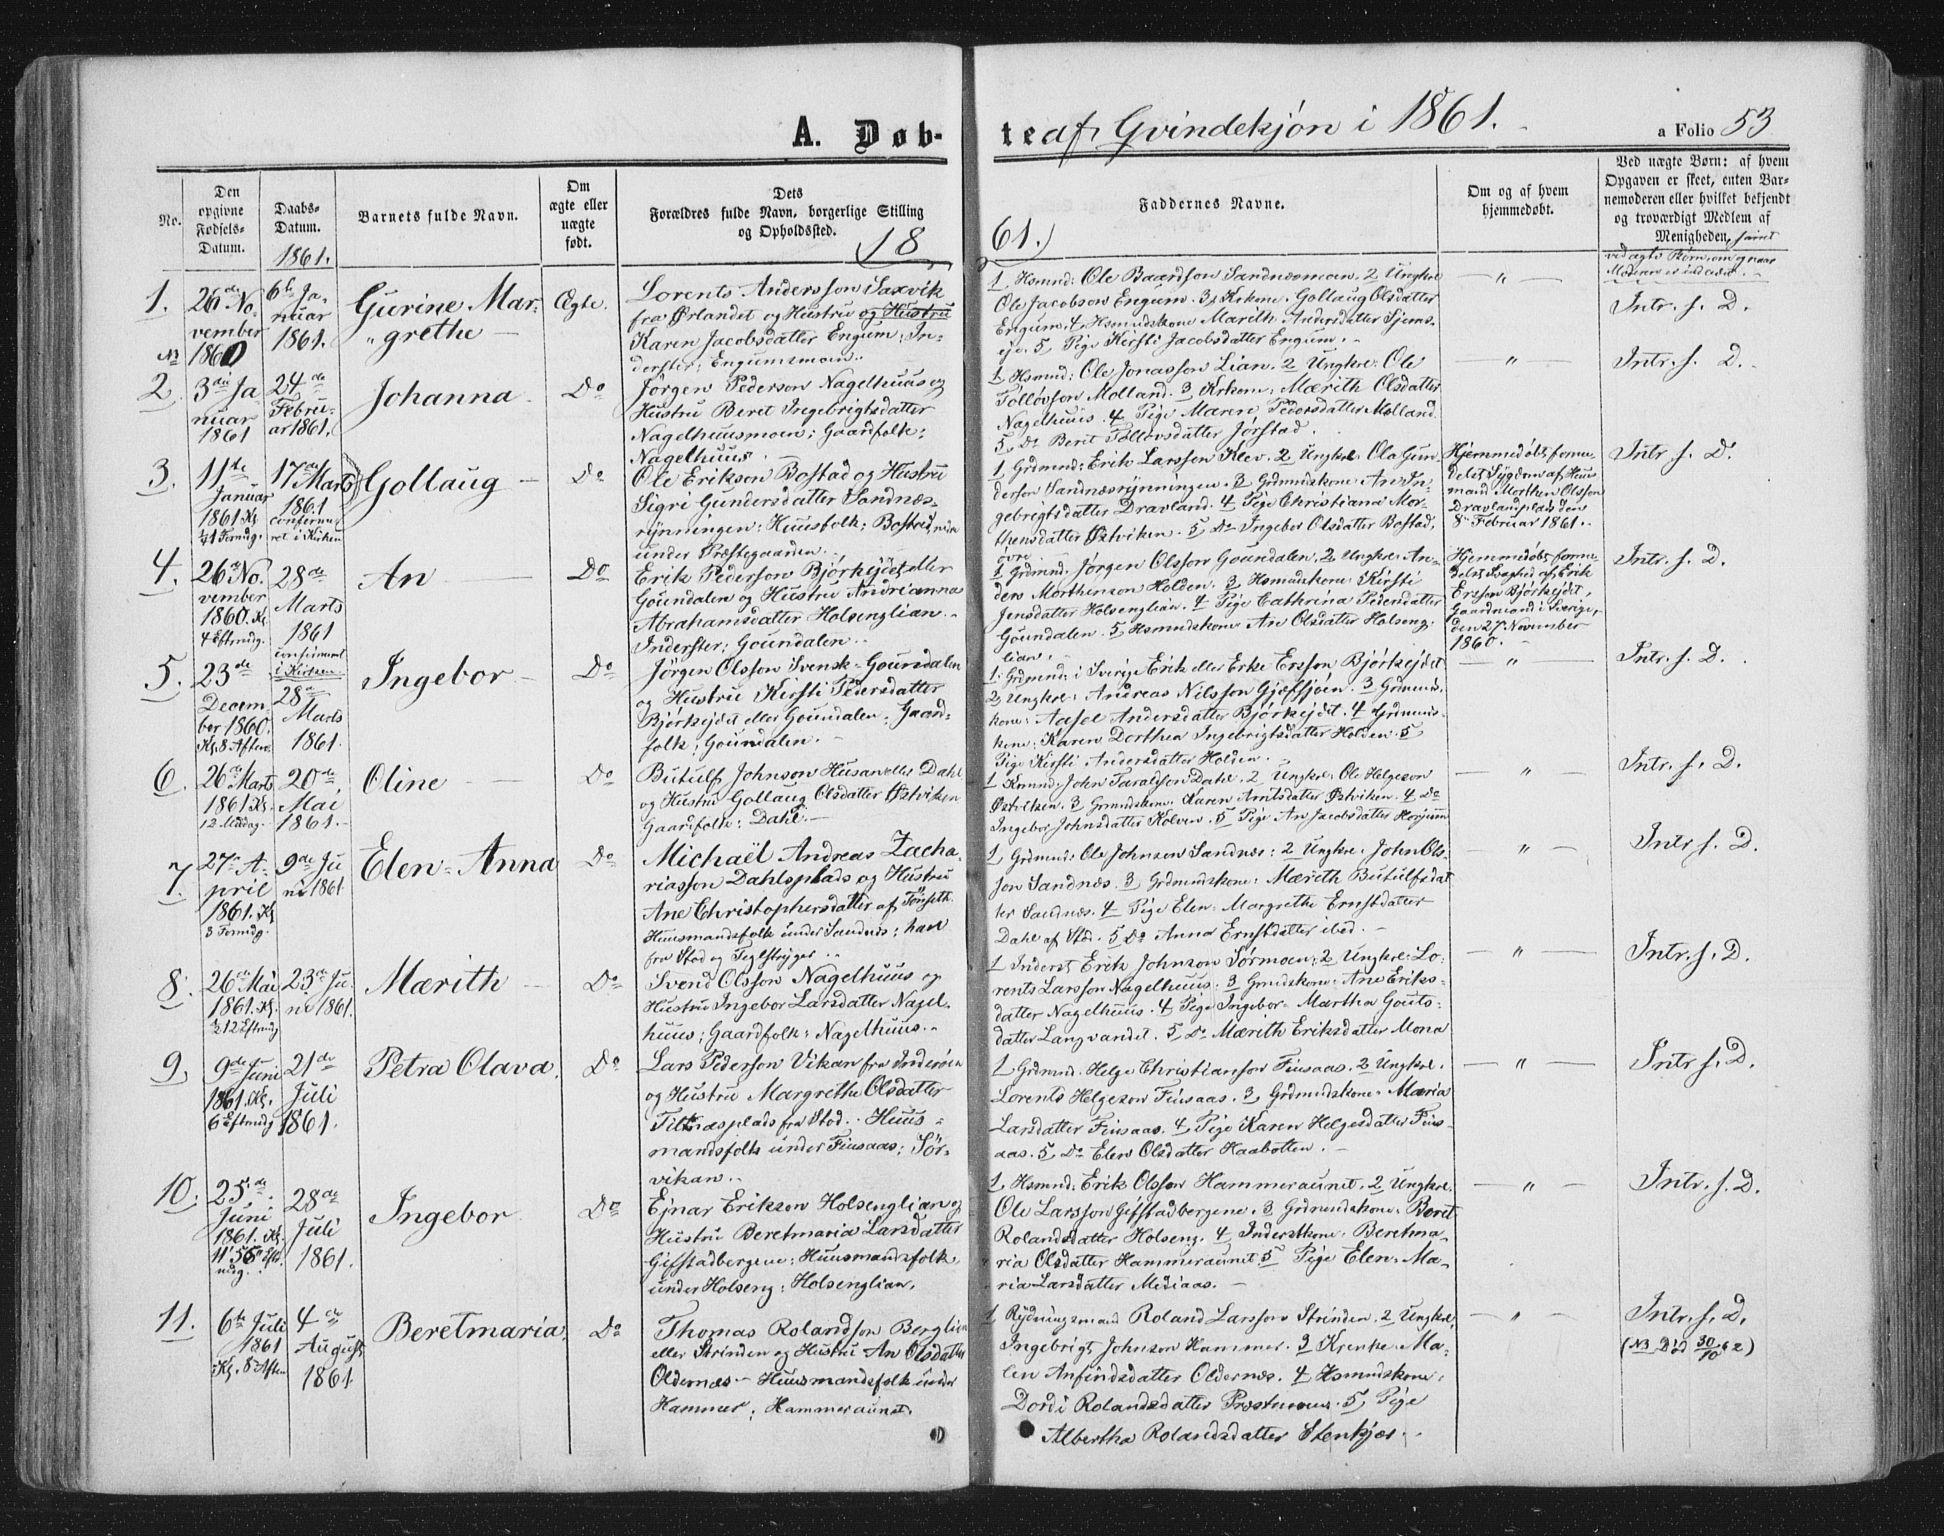 SAT, Ministerialprotokoller, klokkerbøker og fødselsregistre - Nord-Trøndelag, 749/L0472: Ministerialbok nr. 749A06, 1857-1873, s. 53